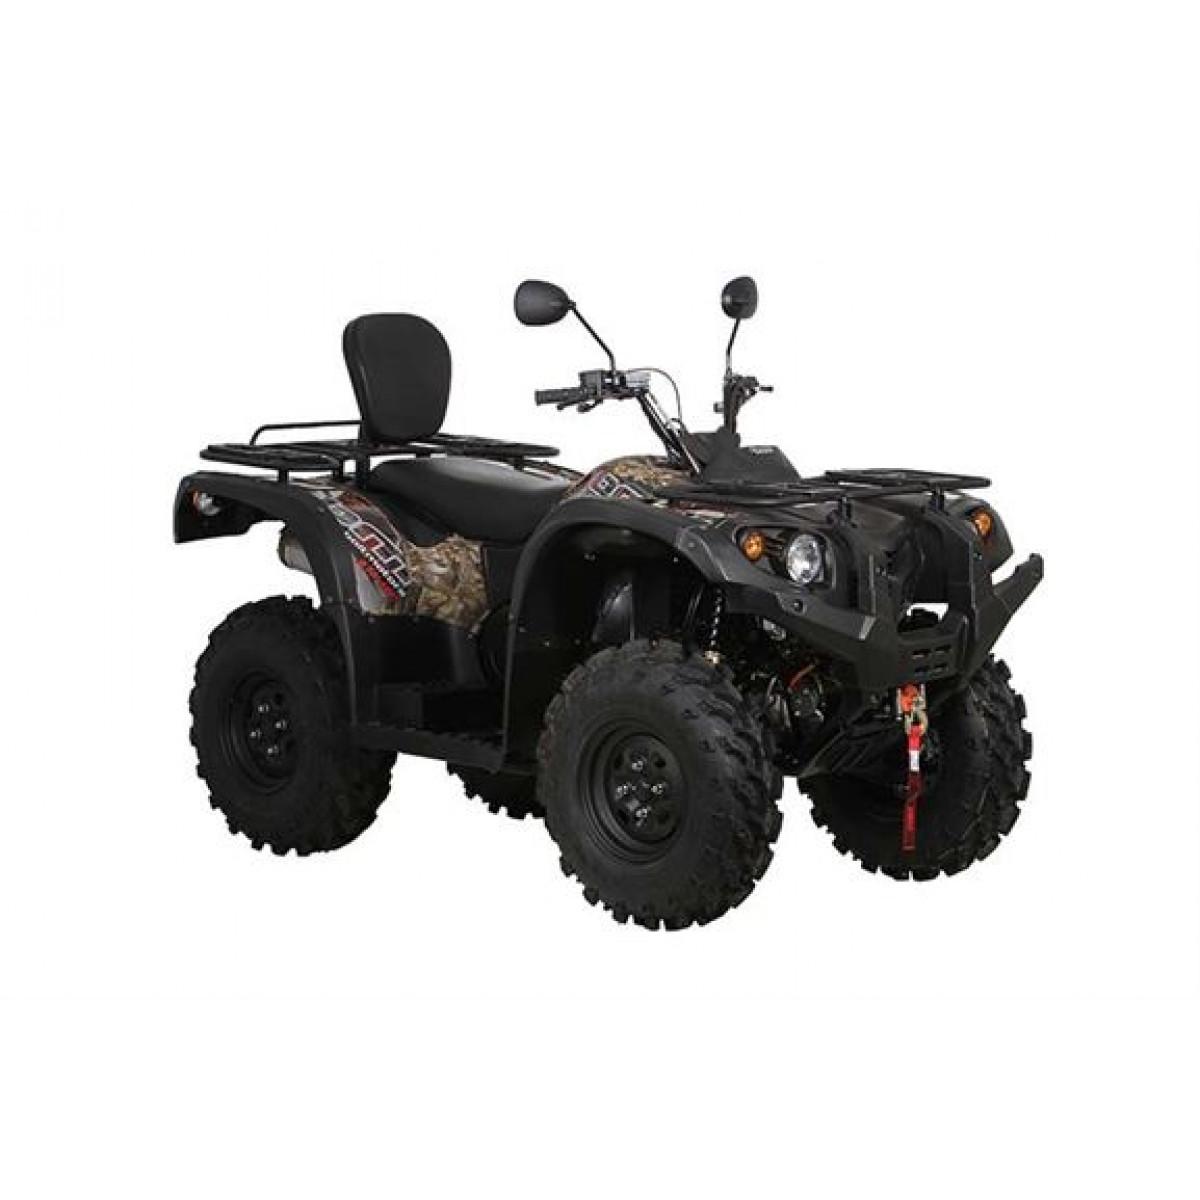 Baltmotors Striker 500 EFI Camo Квадроцикл  двухместный